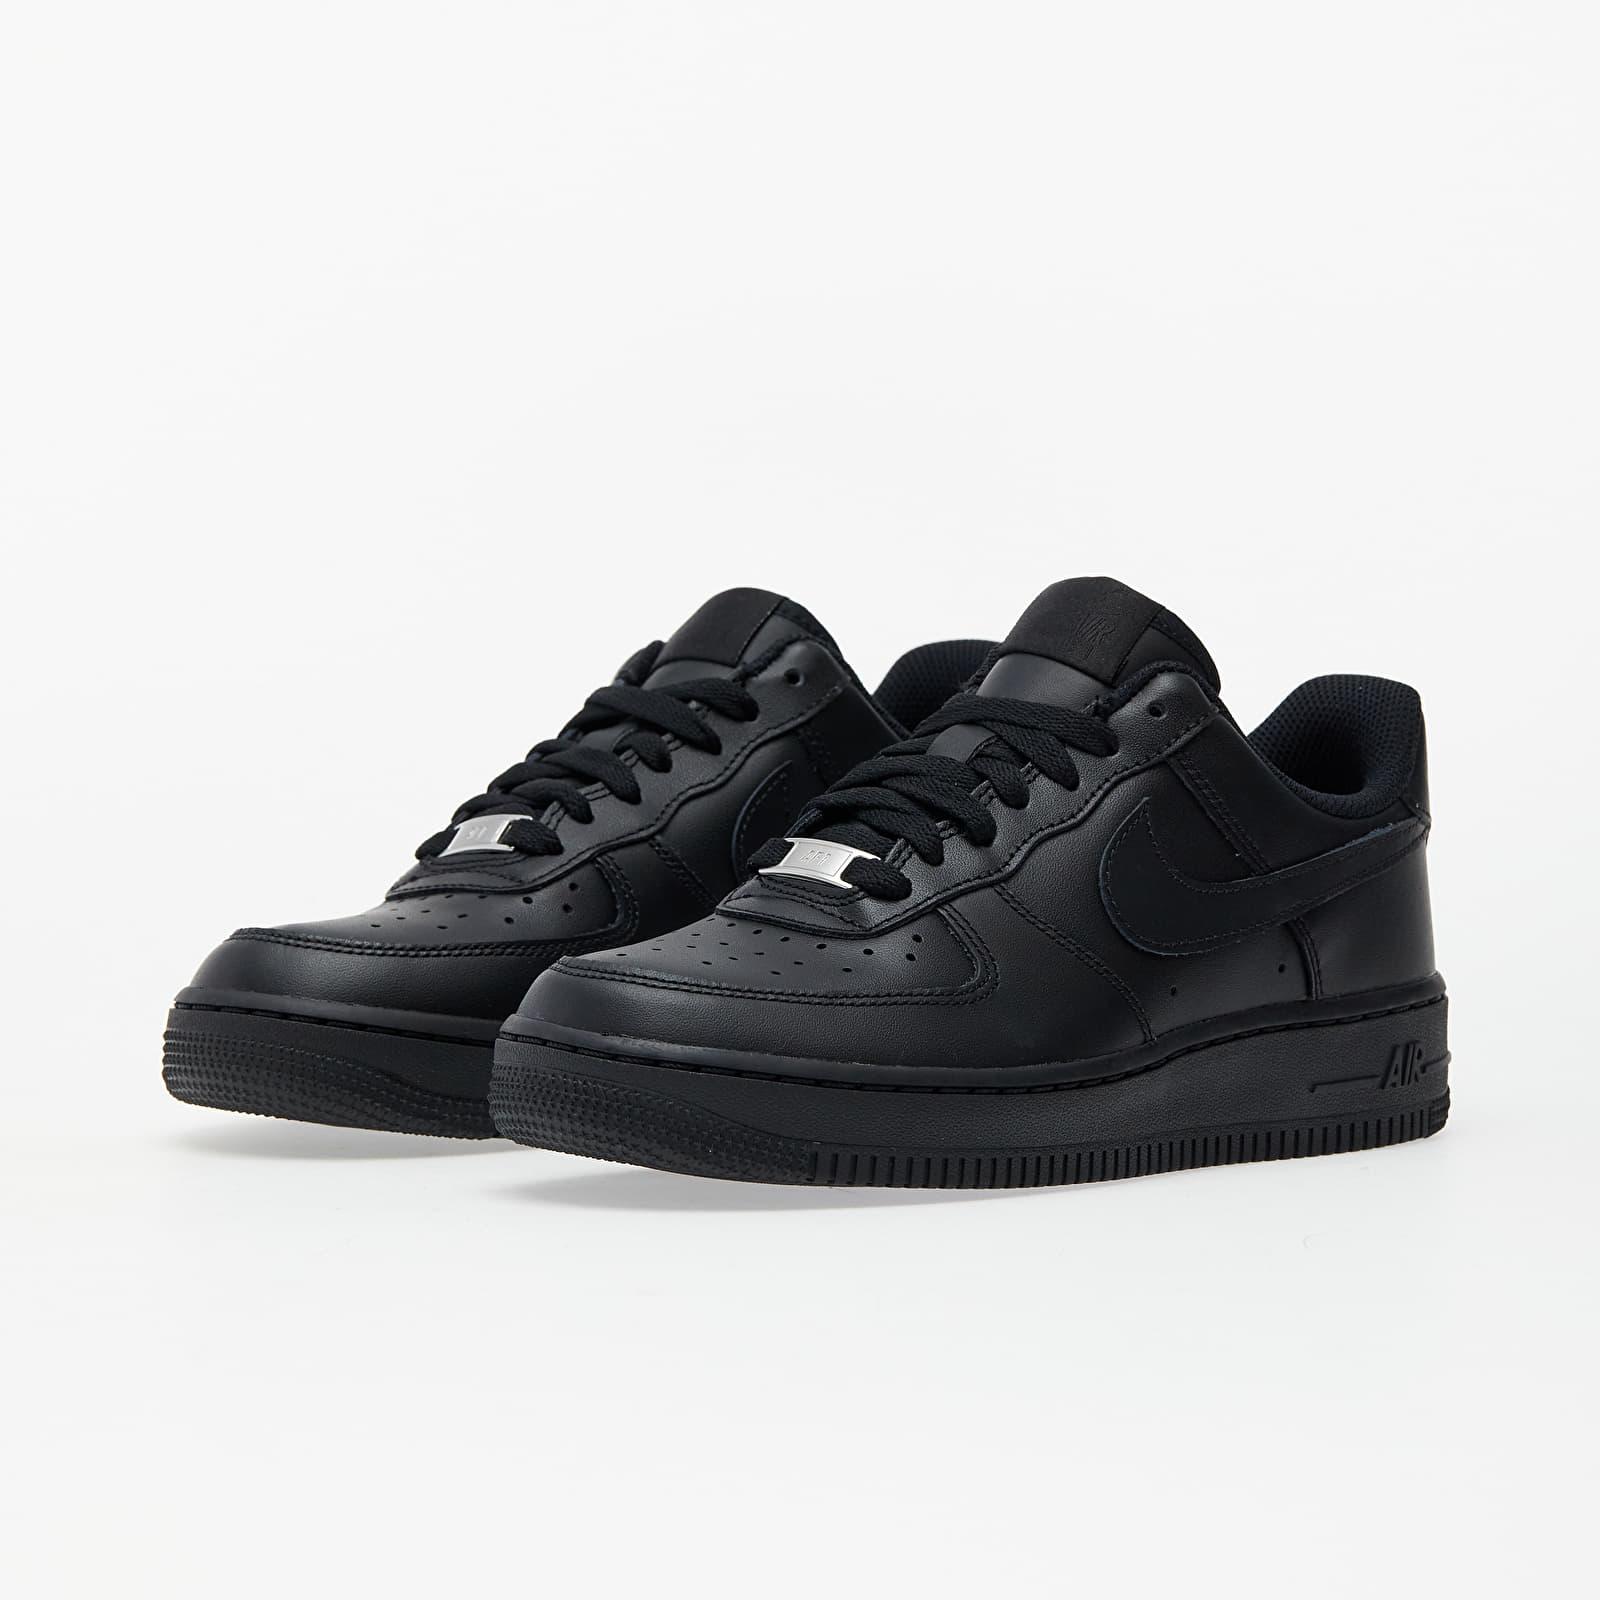 Women's shoes Nike Wmns Air Force 1 '07 Black/ Black | Footshop